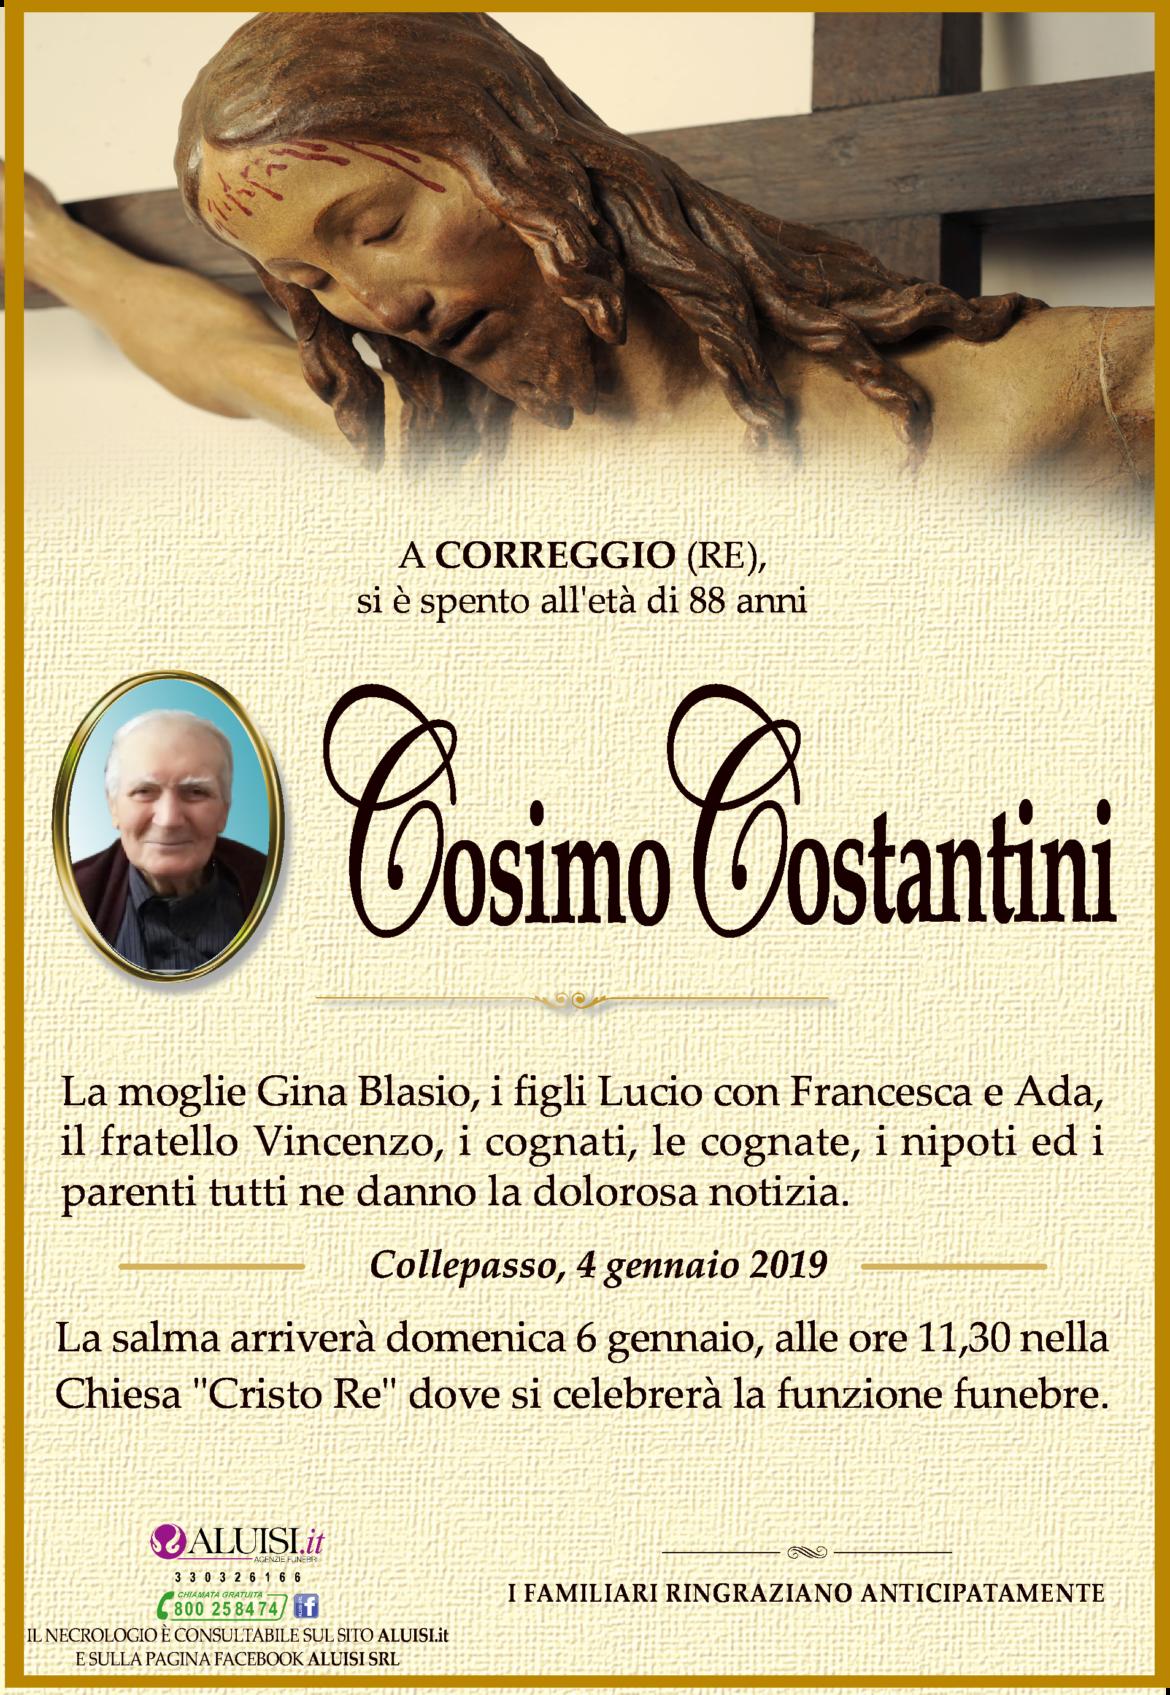 annuncio-cosimo-costantini-fb-1.png